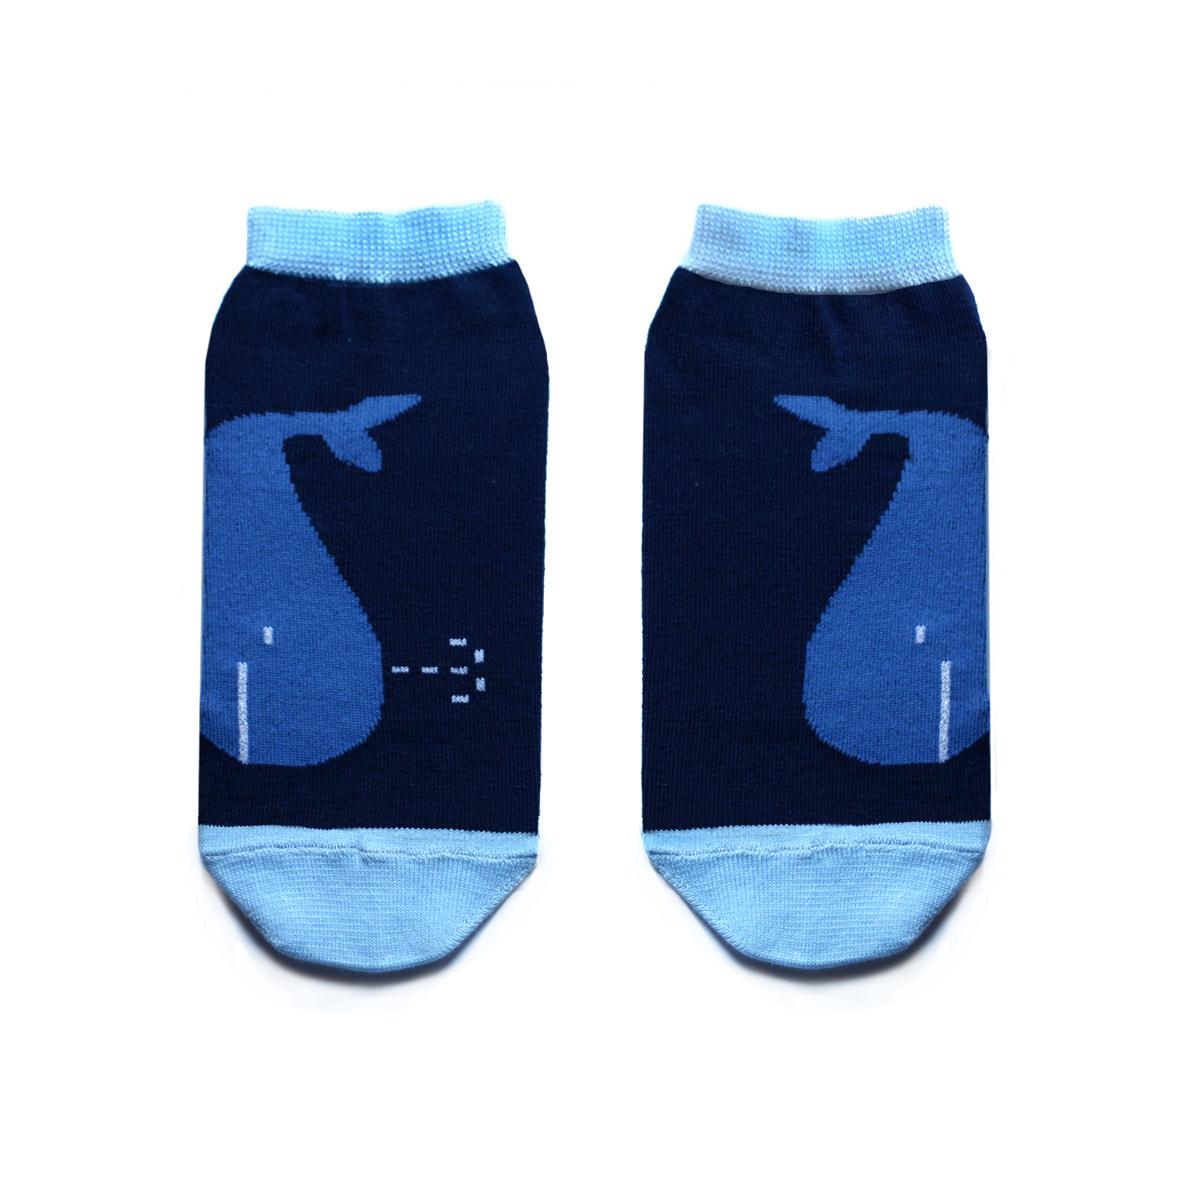 ca1332Укороченные мужские носки Big Bang Socks изготовлены из высококачественного хлопка с добавлением полиамидных и эластановых волокон, которые обеспечивают великолепную посадку. Носки отличаются ярким стильным дизайном, они оформлены изображением китов. Удобная резинка идеально облегает ногу и не пережимает сосуды, а усиленные пятка и мысок повышают износоустойчивость носка. Дизайнерские носки Big Bang Socks - яркая деталь в вашем образе и оригинальный подарок для друзей и близких.